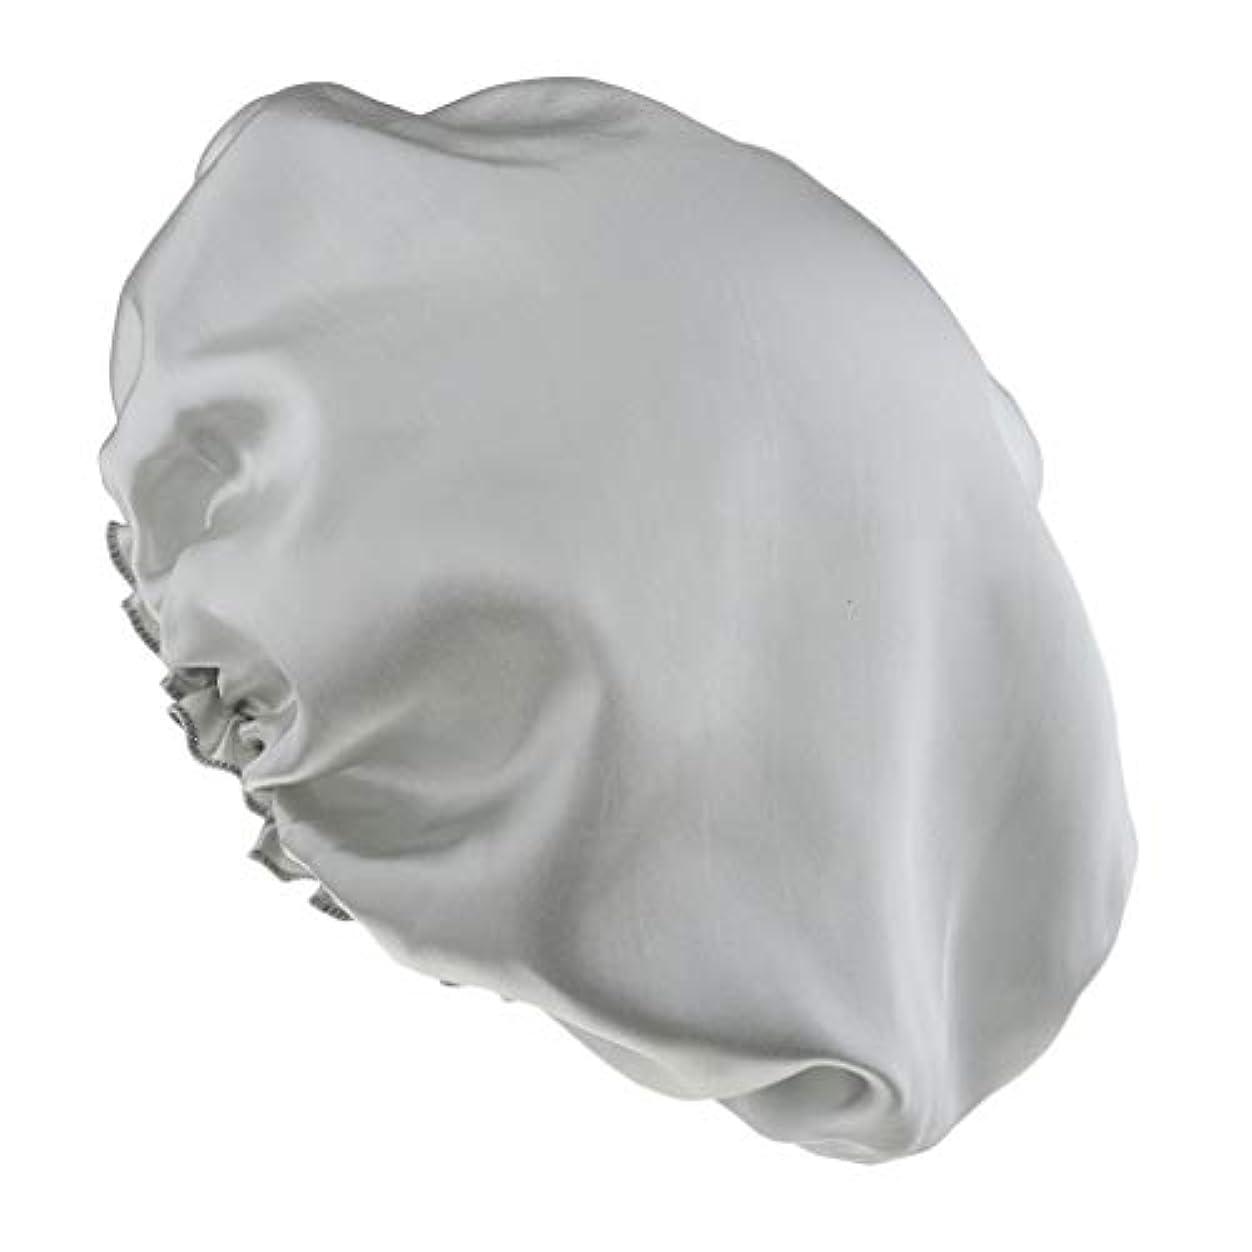 料理をする宝石生態学sharprepublic 女性サテンの夜の眠り帽子髪ボンネットキャップヘッドカバーターバンラップ弾性 - 銀